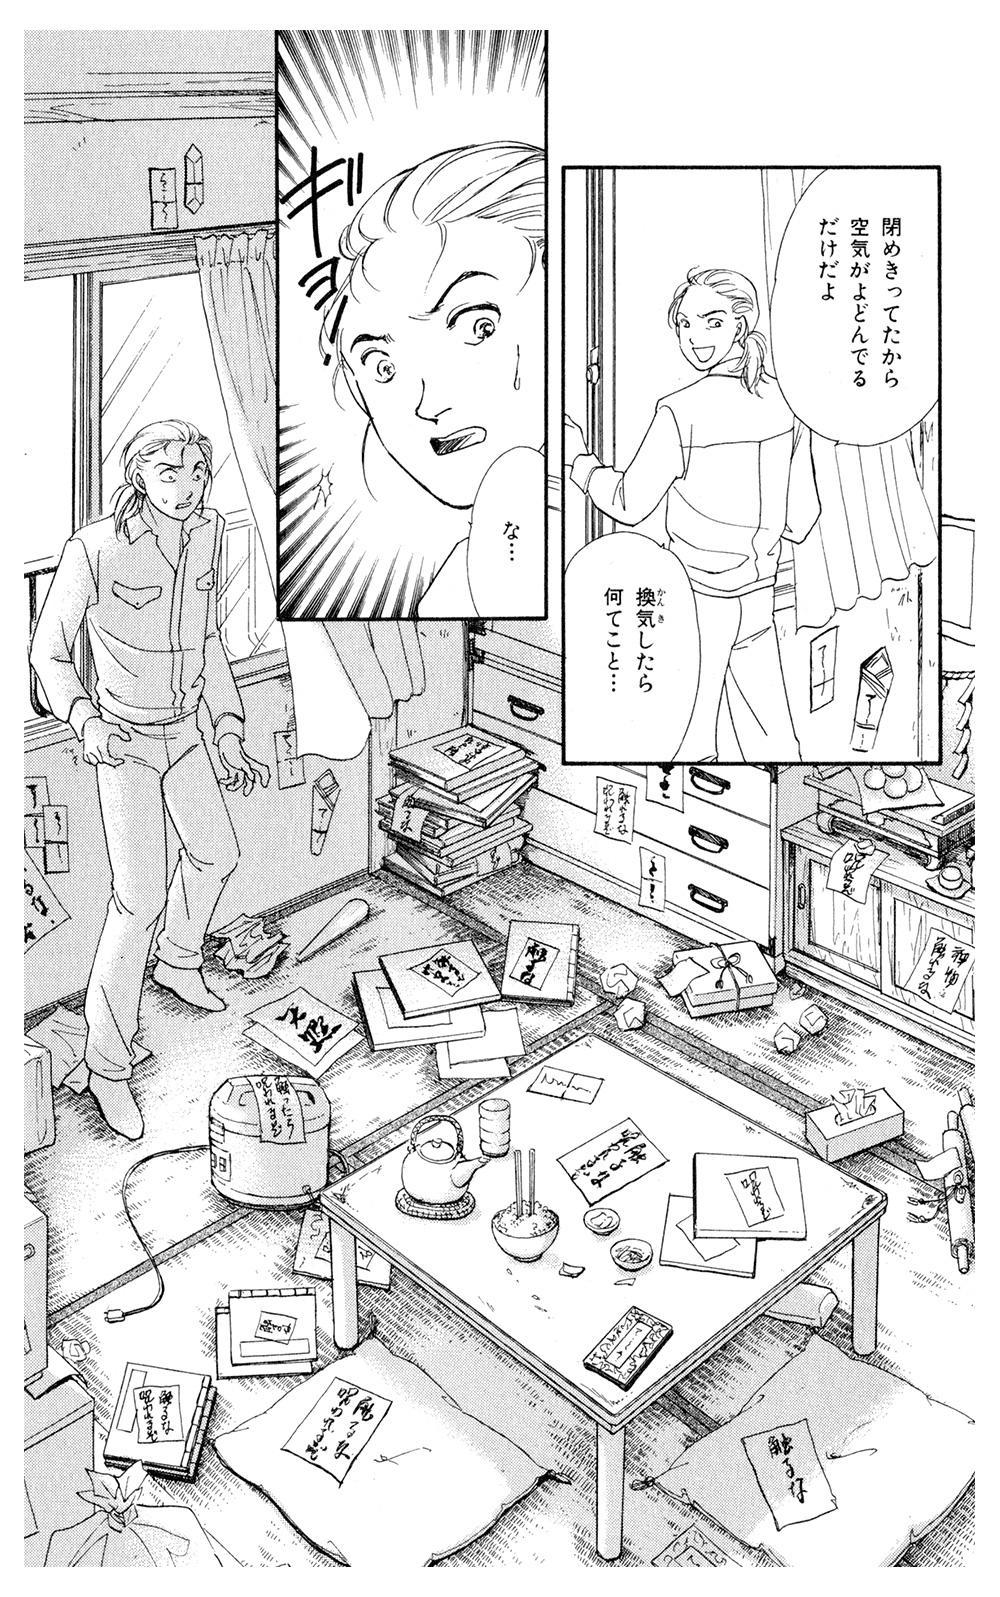 魔百合の恐怖報告 「災いを呼ぶ老婆」①rouba01-08.jpg